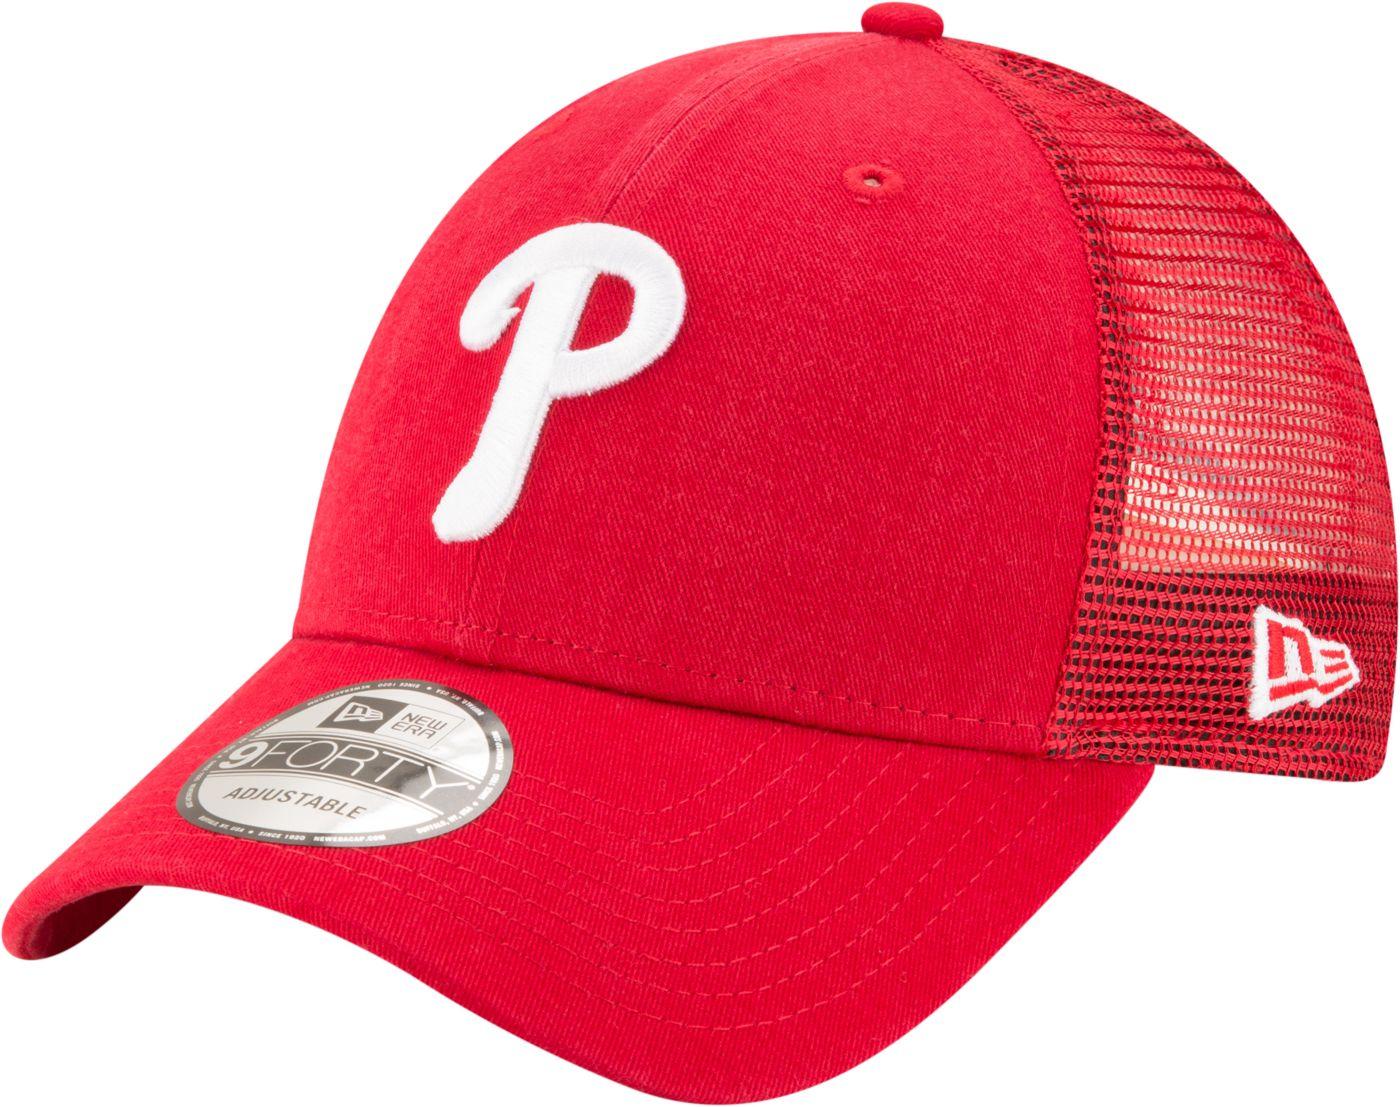 New Era Men's Philadelphia Phillies 9Forty Trucker Adjustable Hat